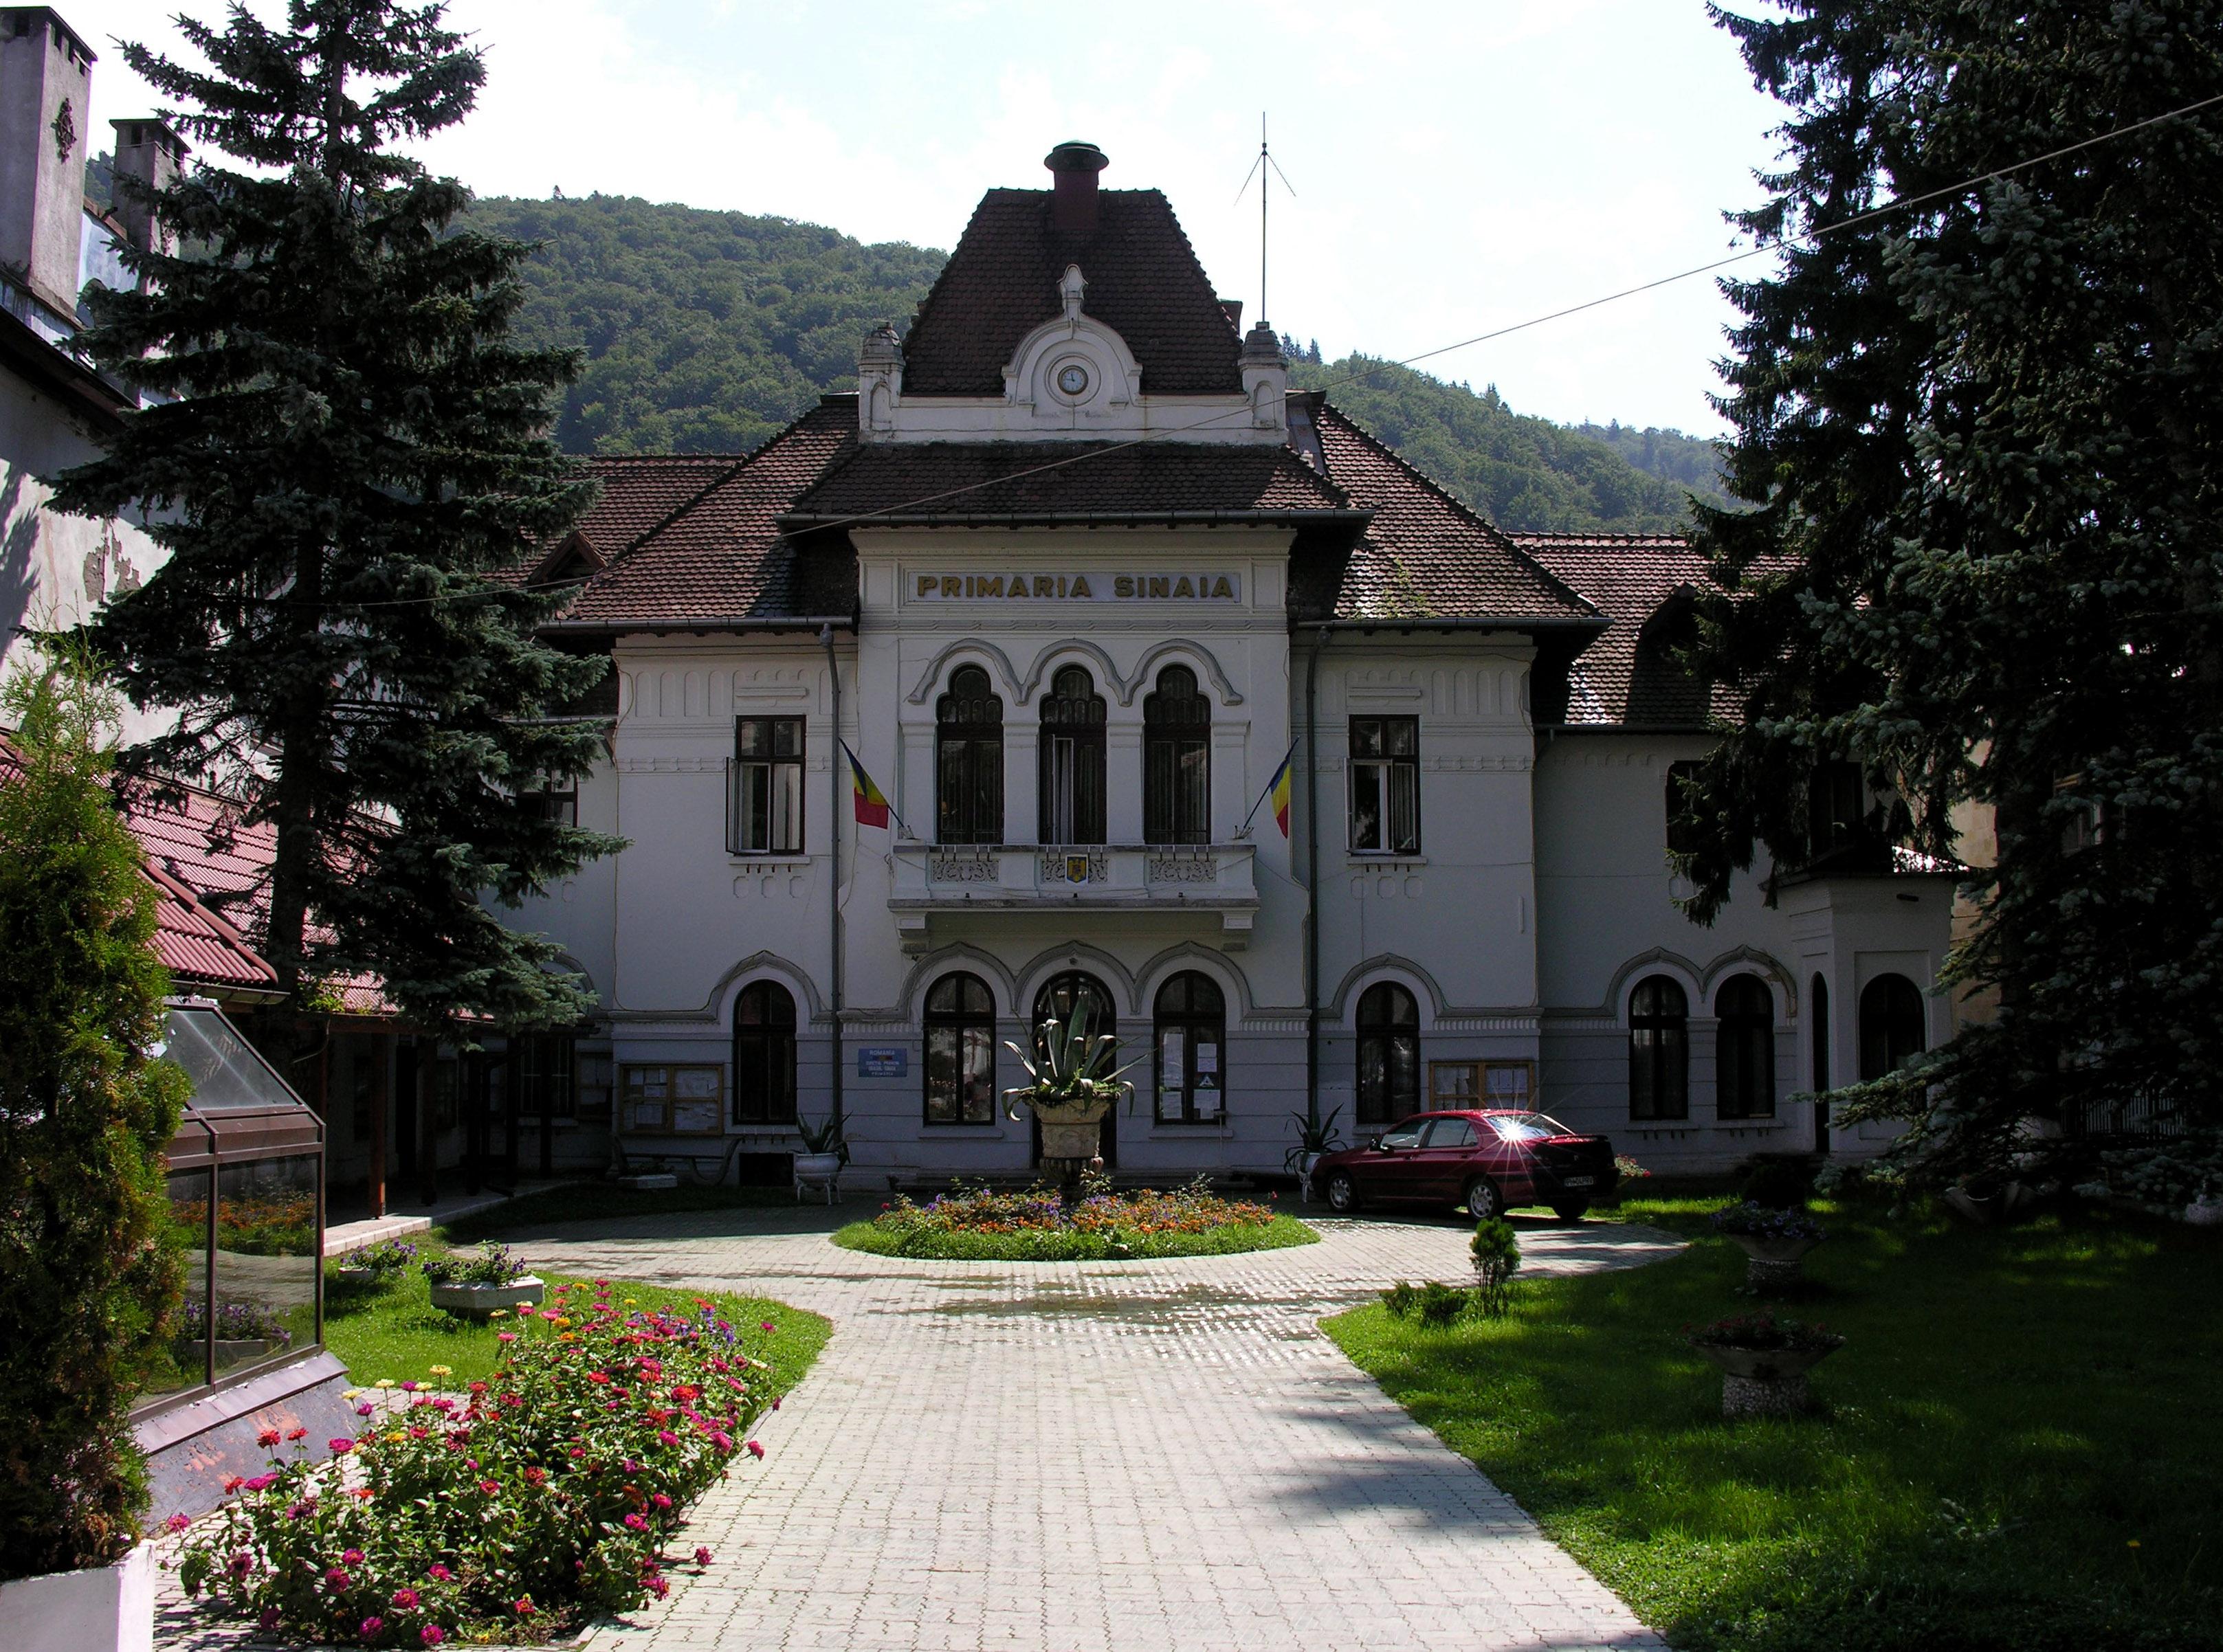 Sinaia Romania  city photos gallery : Romania Sinaia city hall Wikimedia Commons